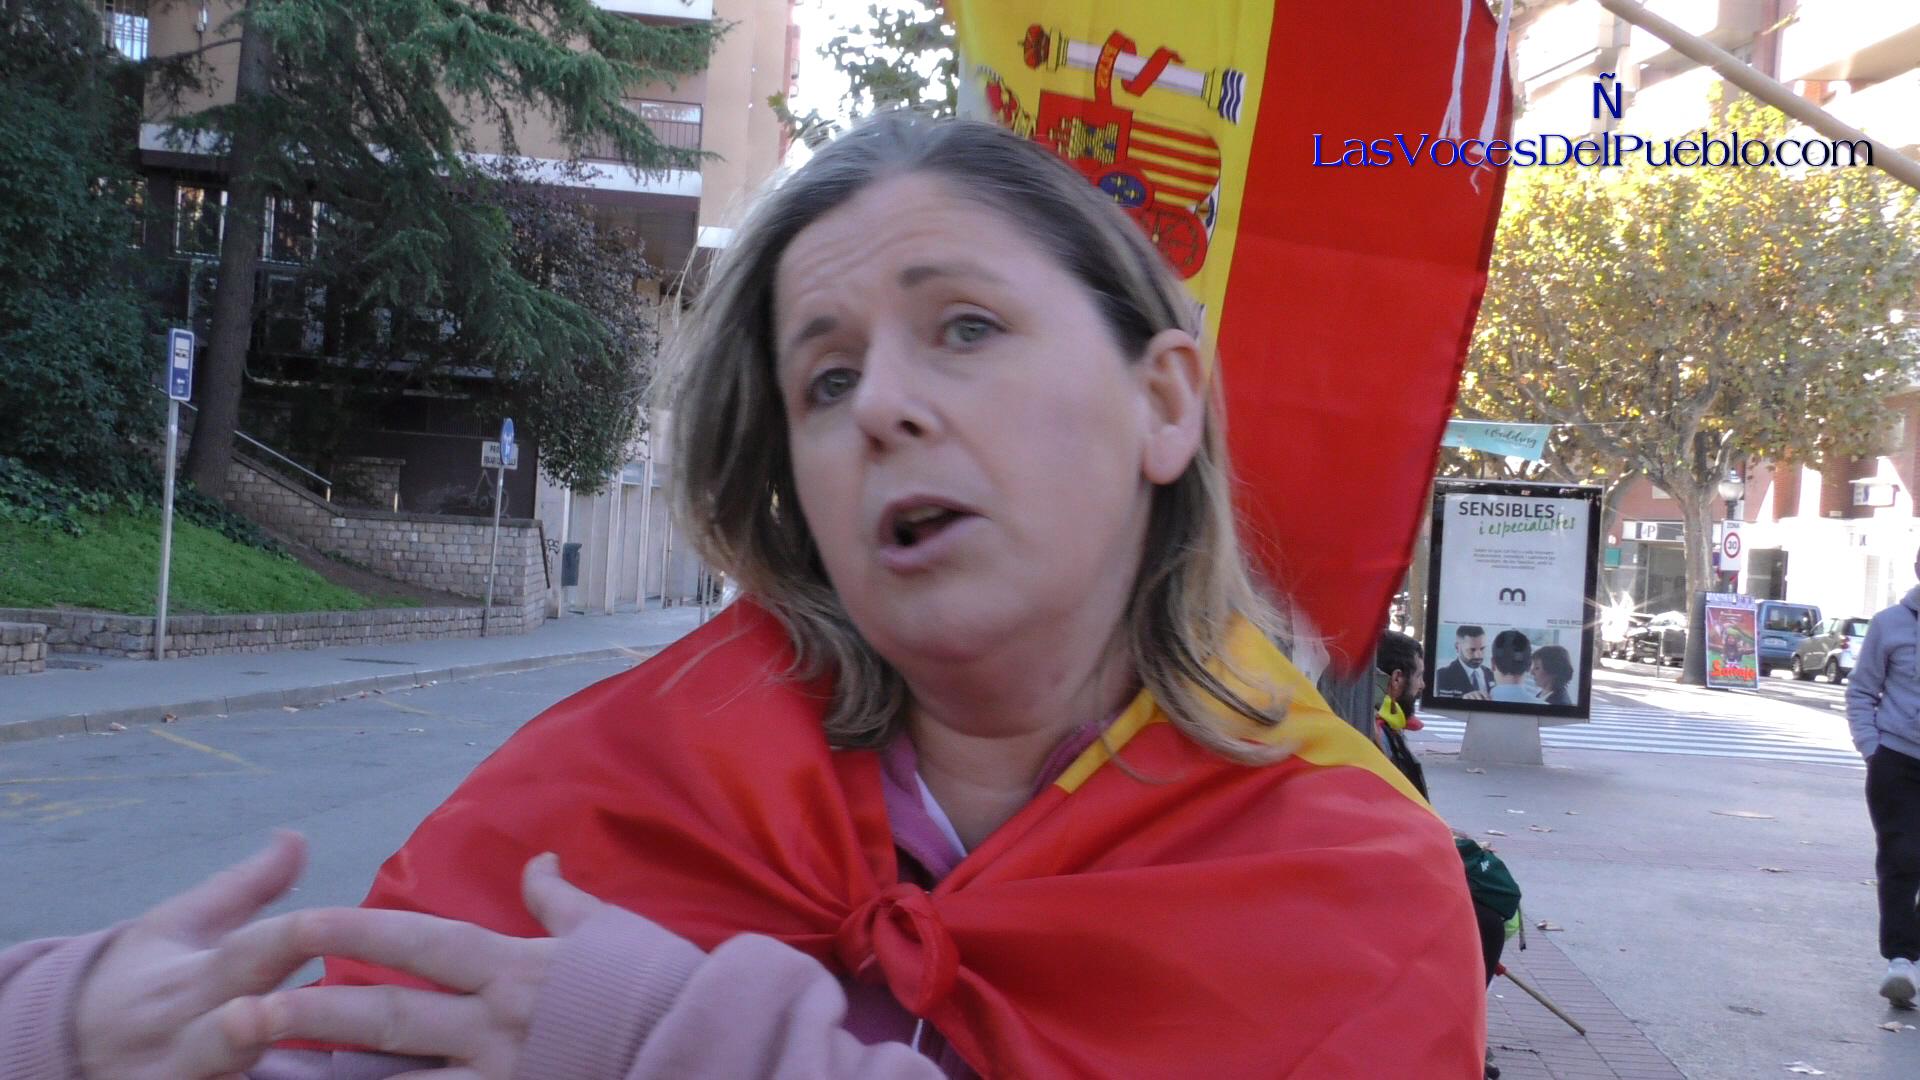 """Las catalanas estamos luchando contra un """"régimen totalitario supremacista en Cataluña"""""""